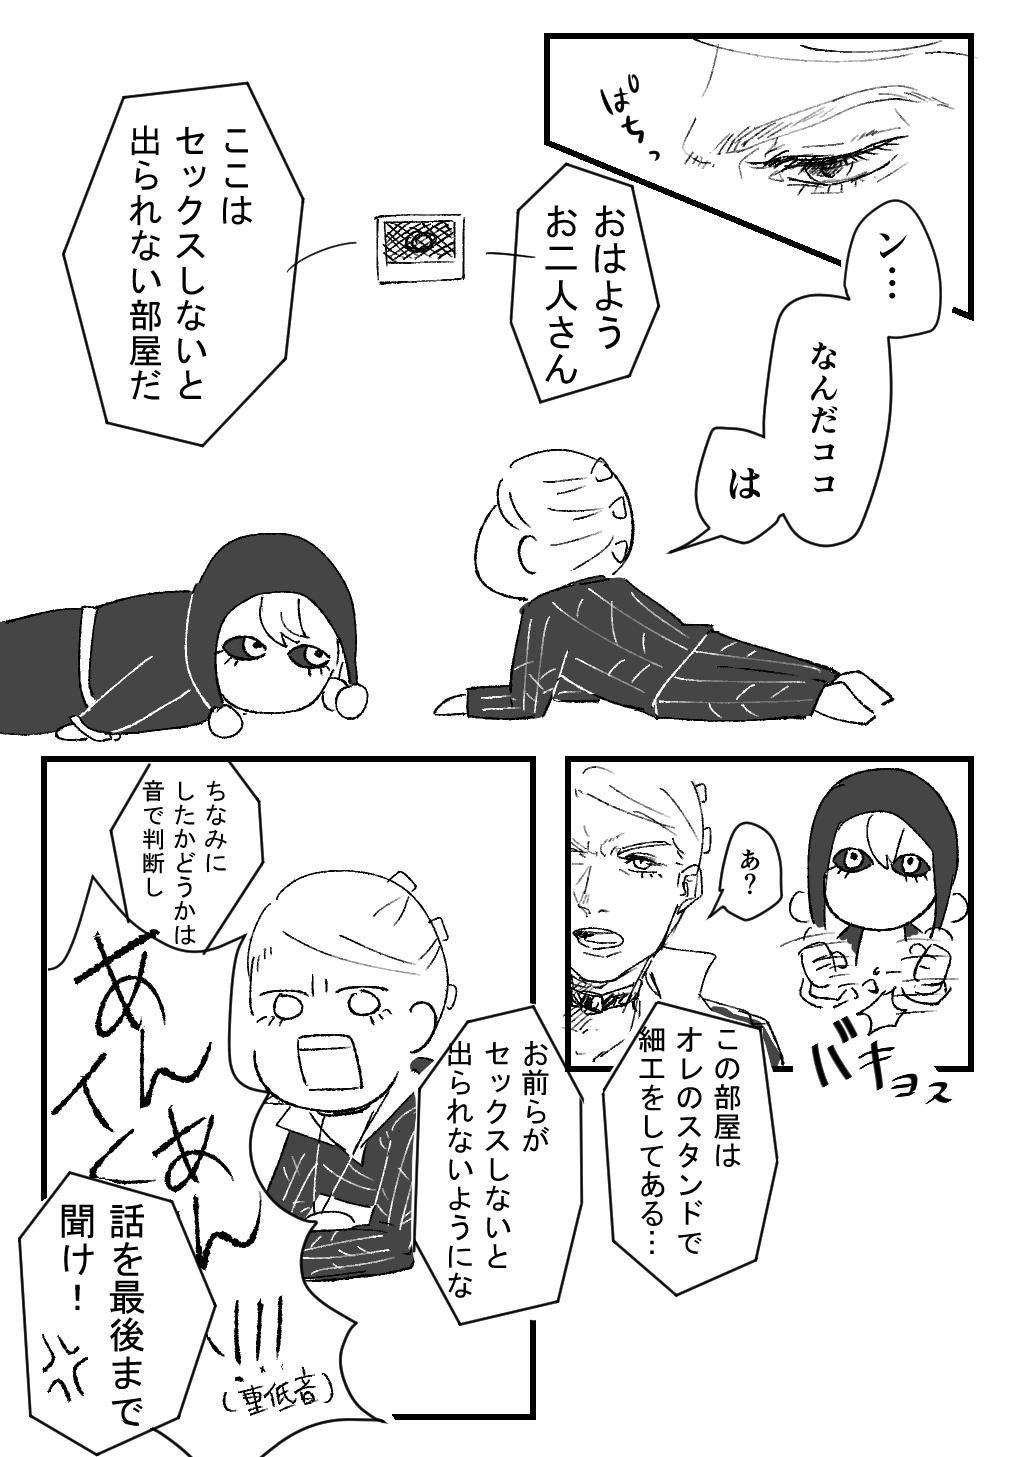 twitter ジョジョ 漫画 ジョジョ 5部 ジョジョ